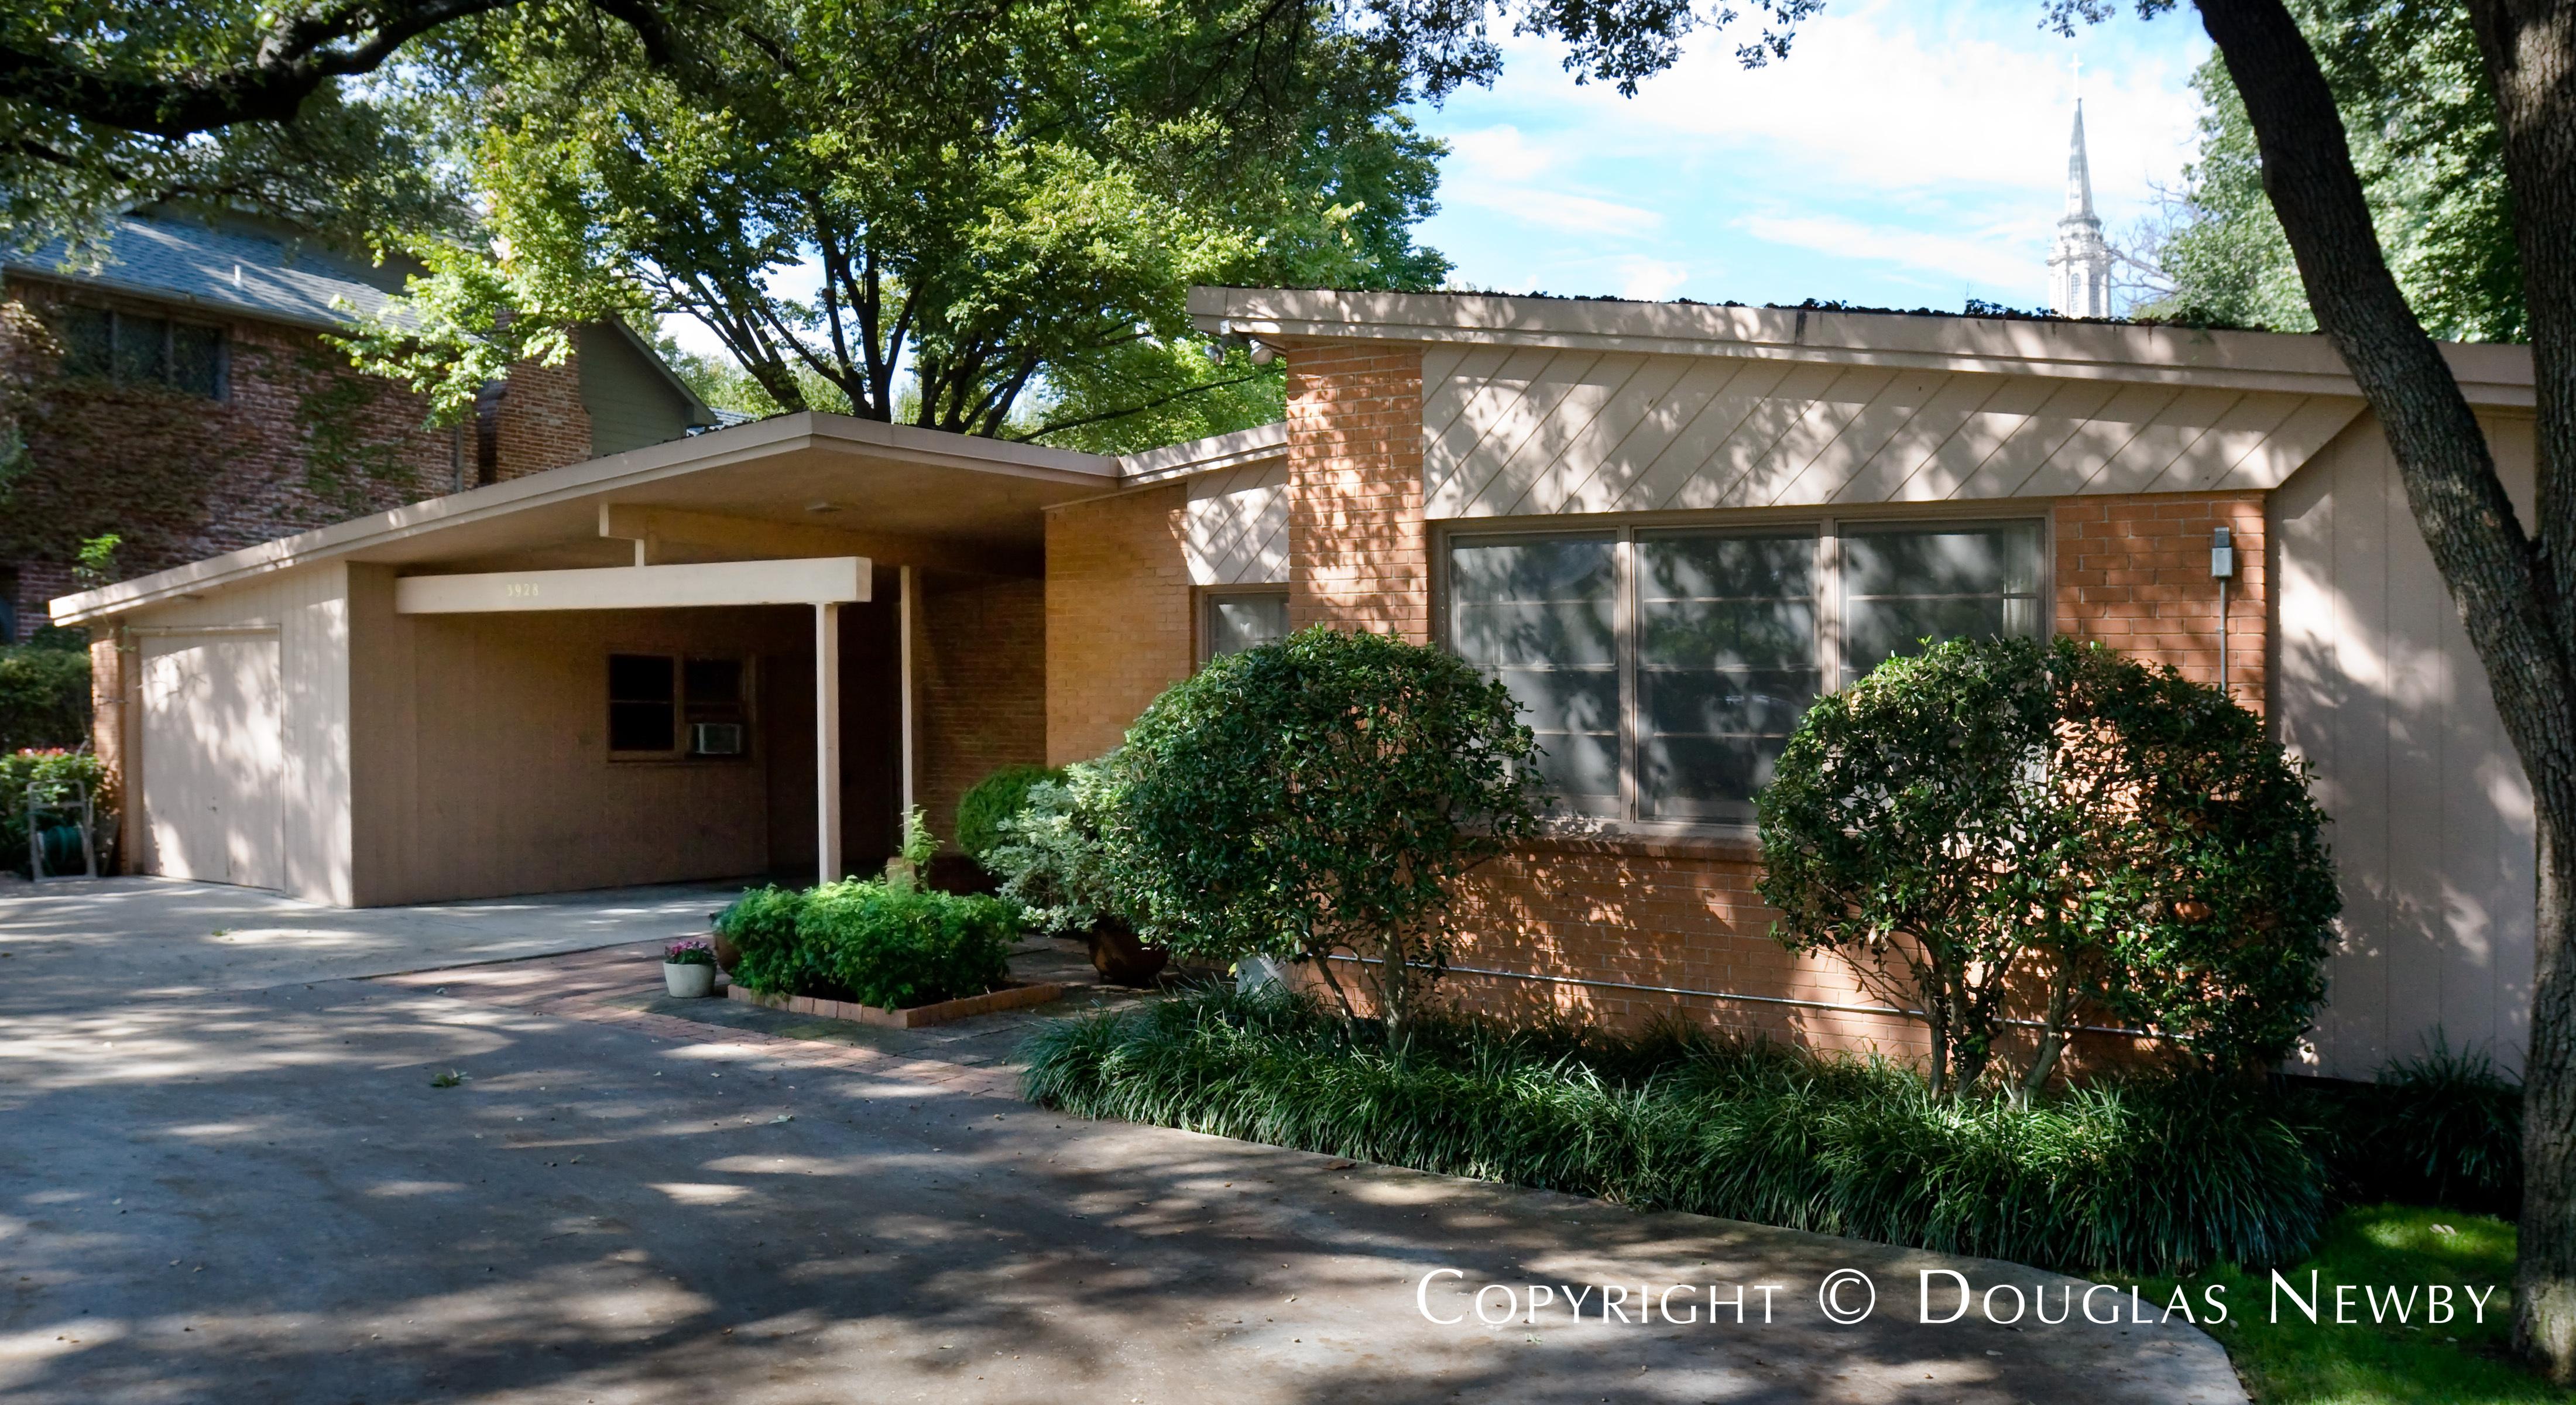 University Heights No 6 & 7 Neighborhood Home